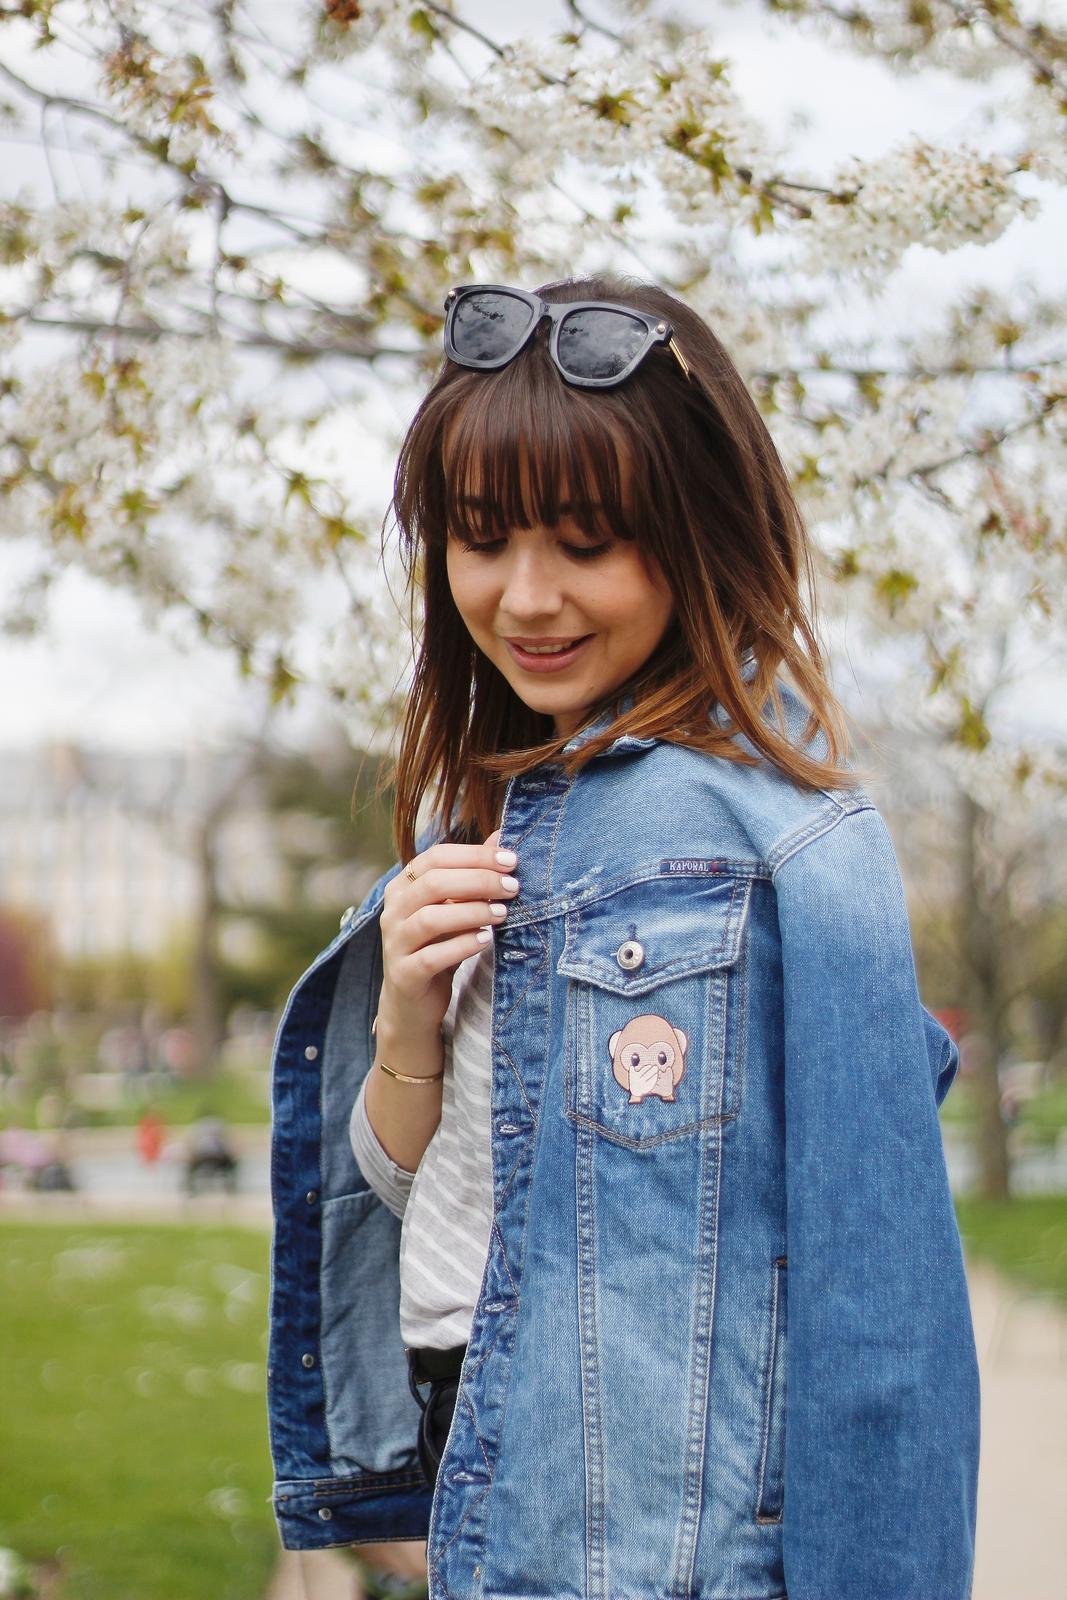 Blog mode femme Paris - Du style, Madame - Streetstyle - l'usine a lunettes - concours